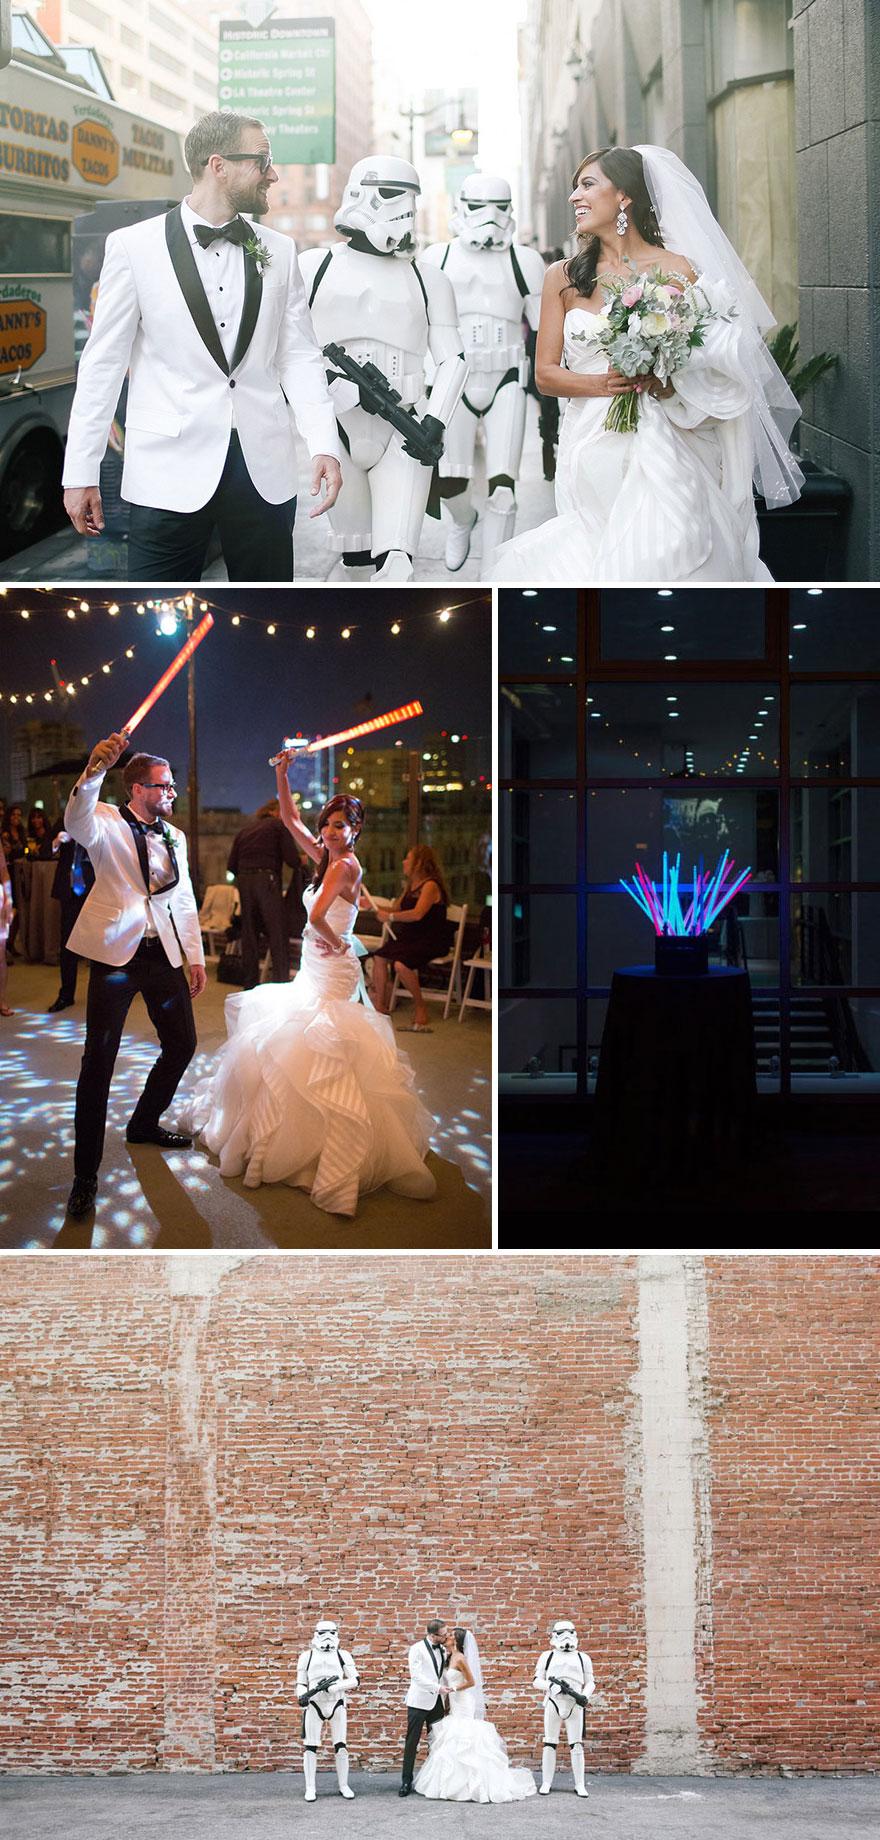 bodas-tematicas-frikis (2)